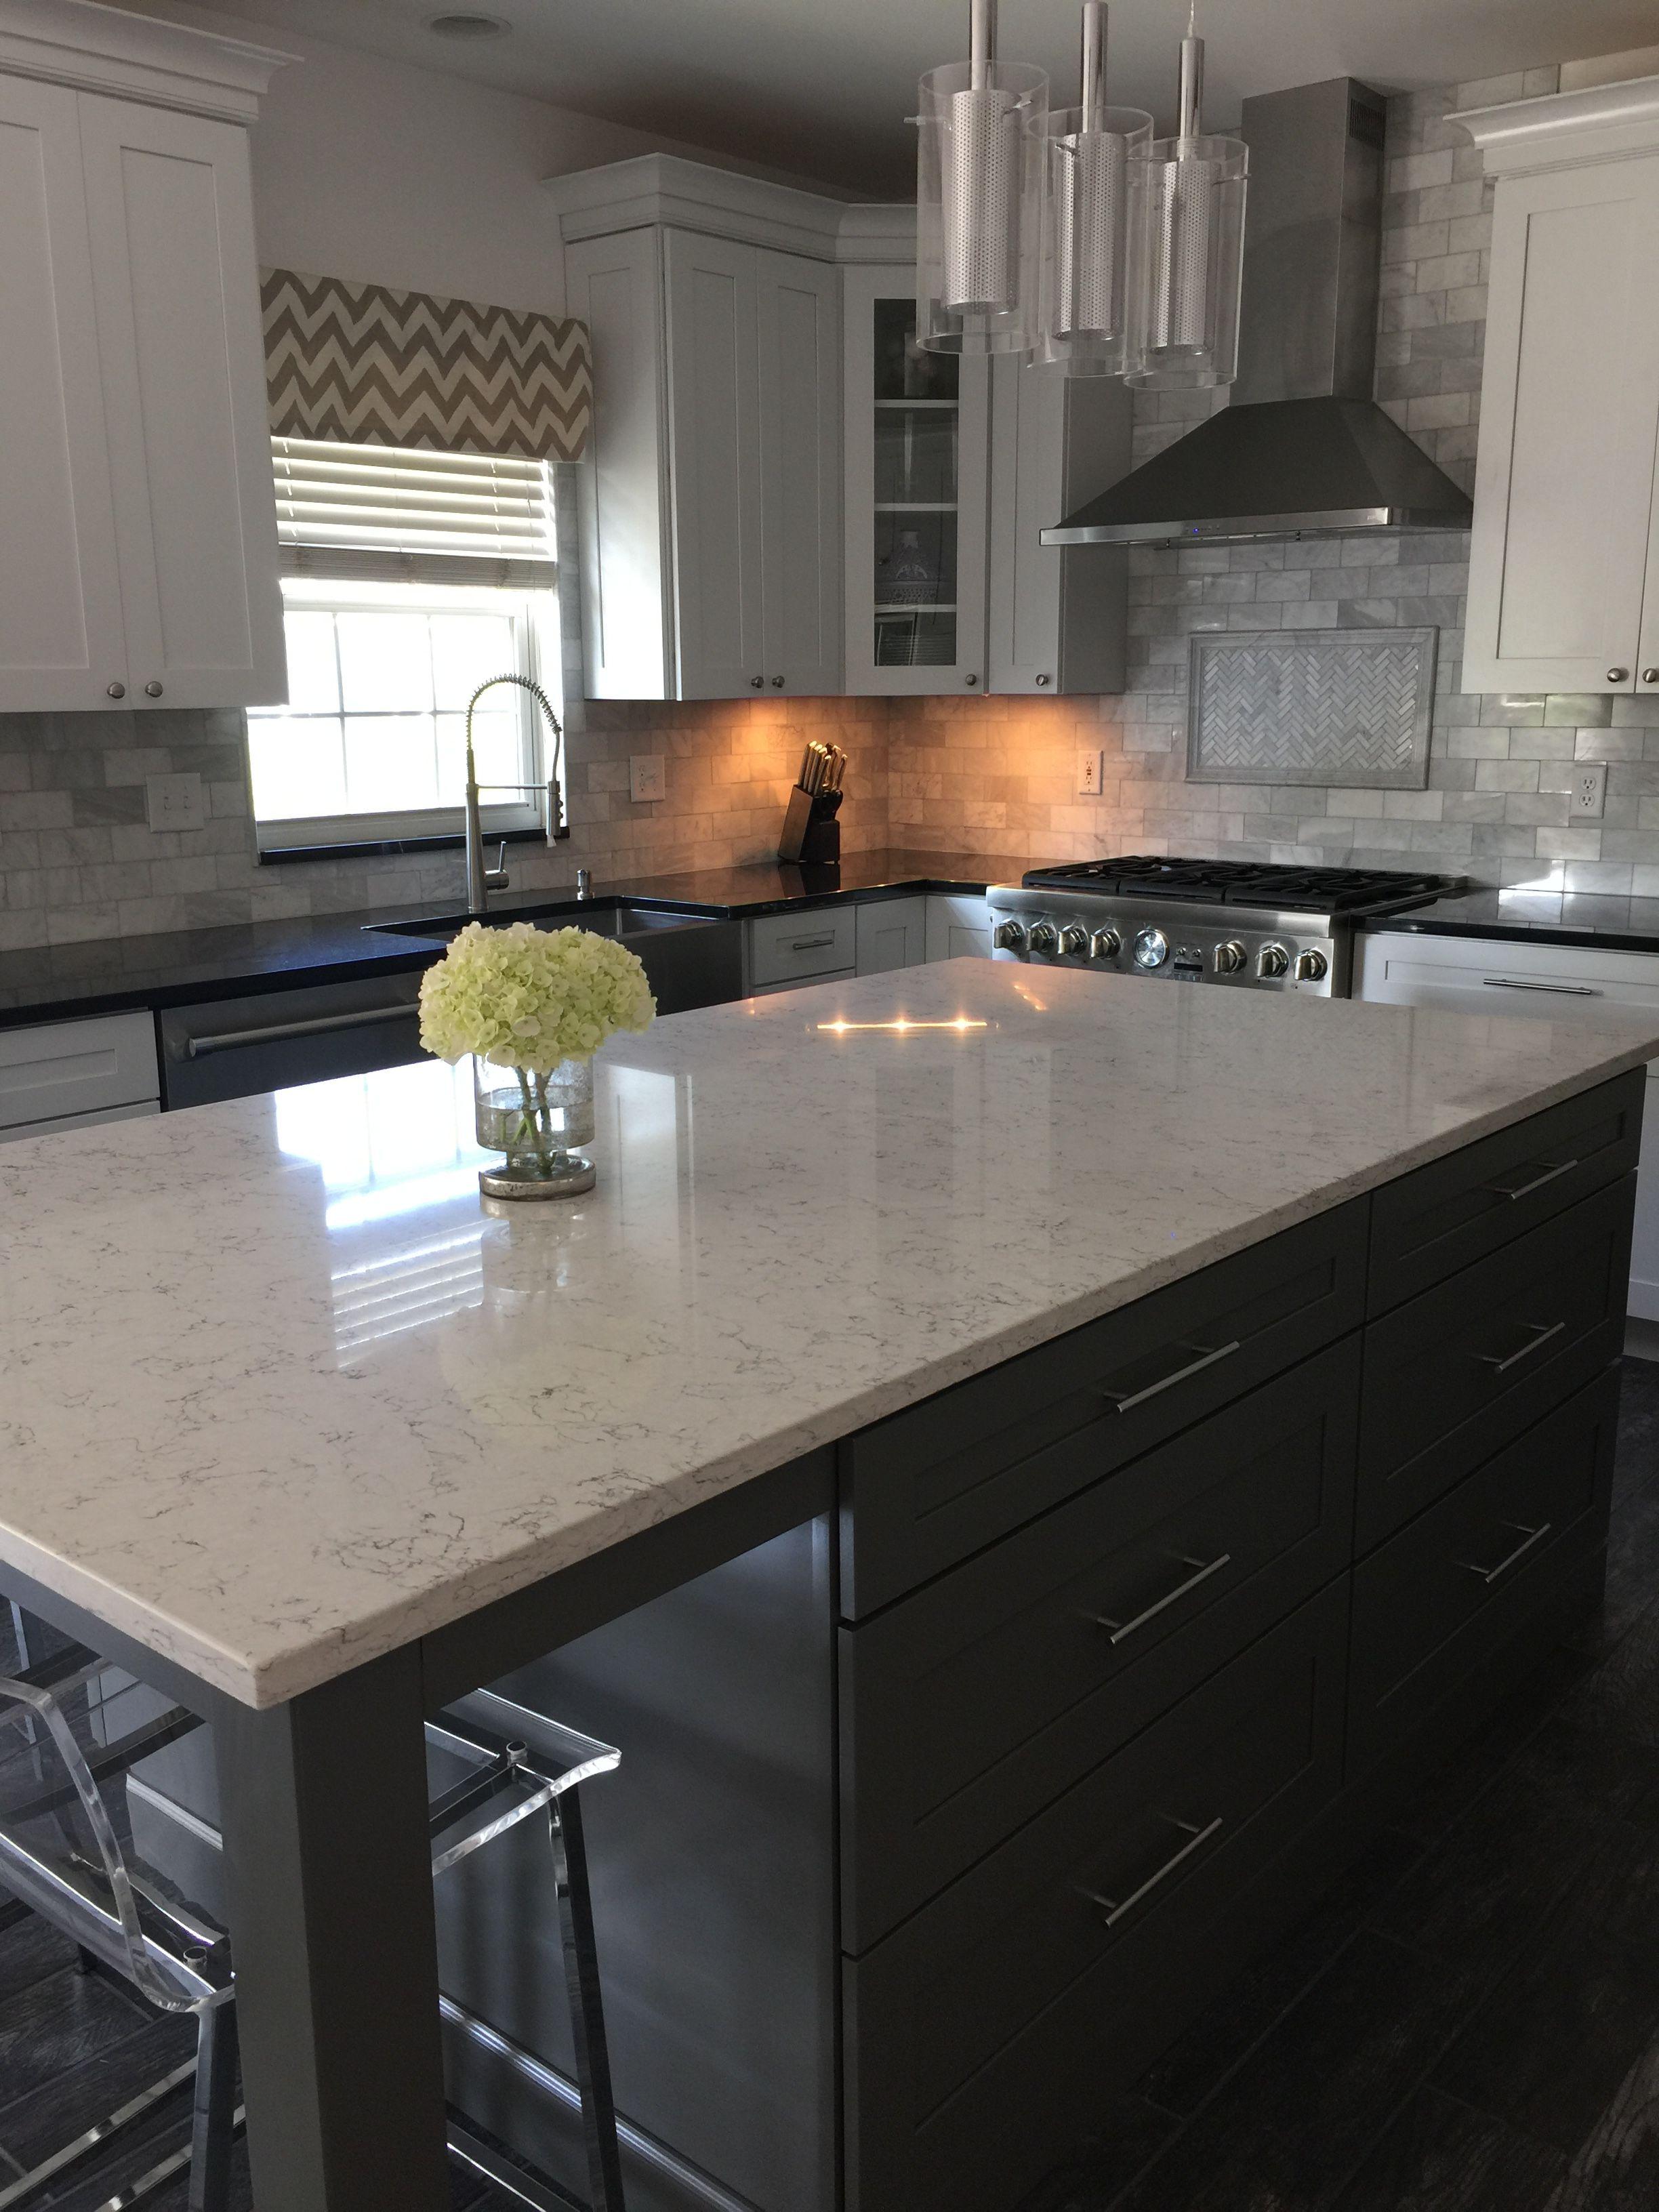 white arabesque quartz island kitchen remodel kitchen design decor on kitchen island ideas white quartz id=64981